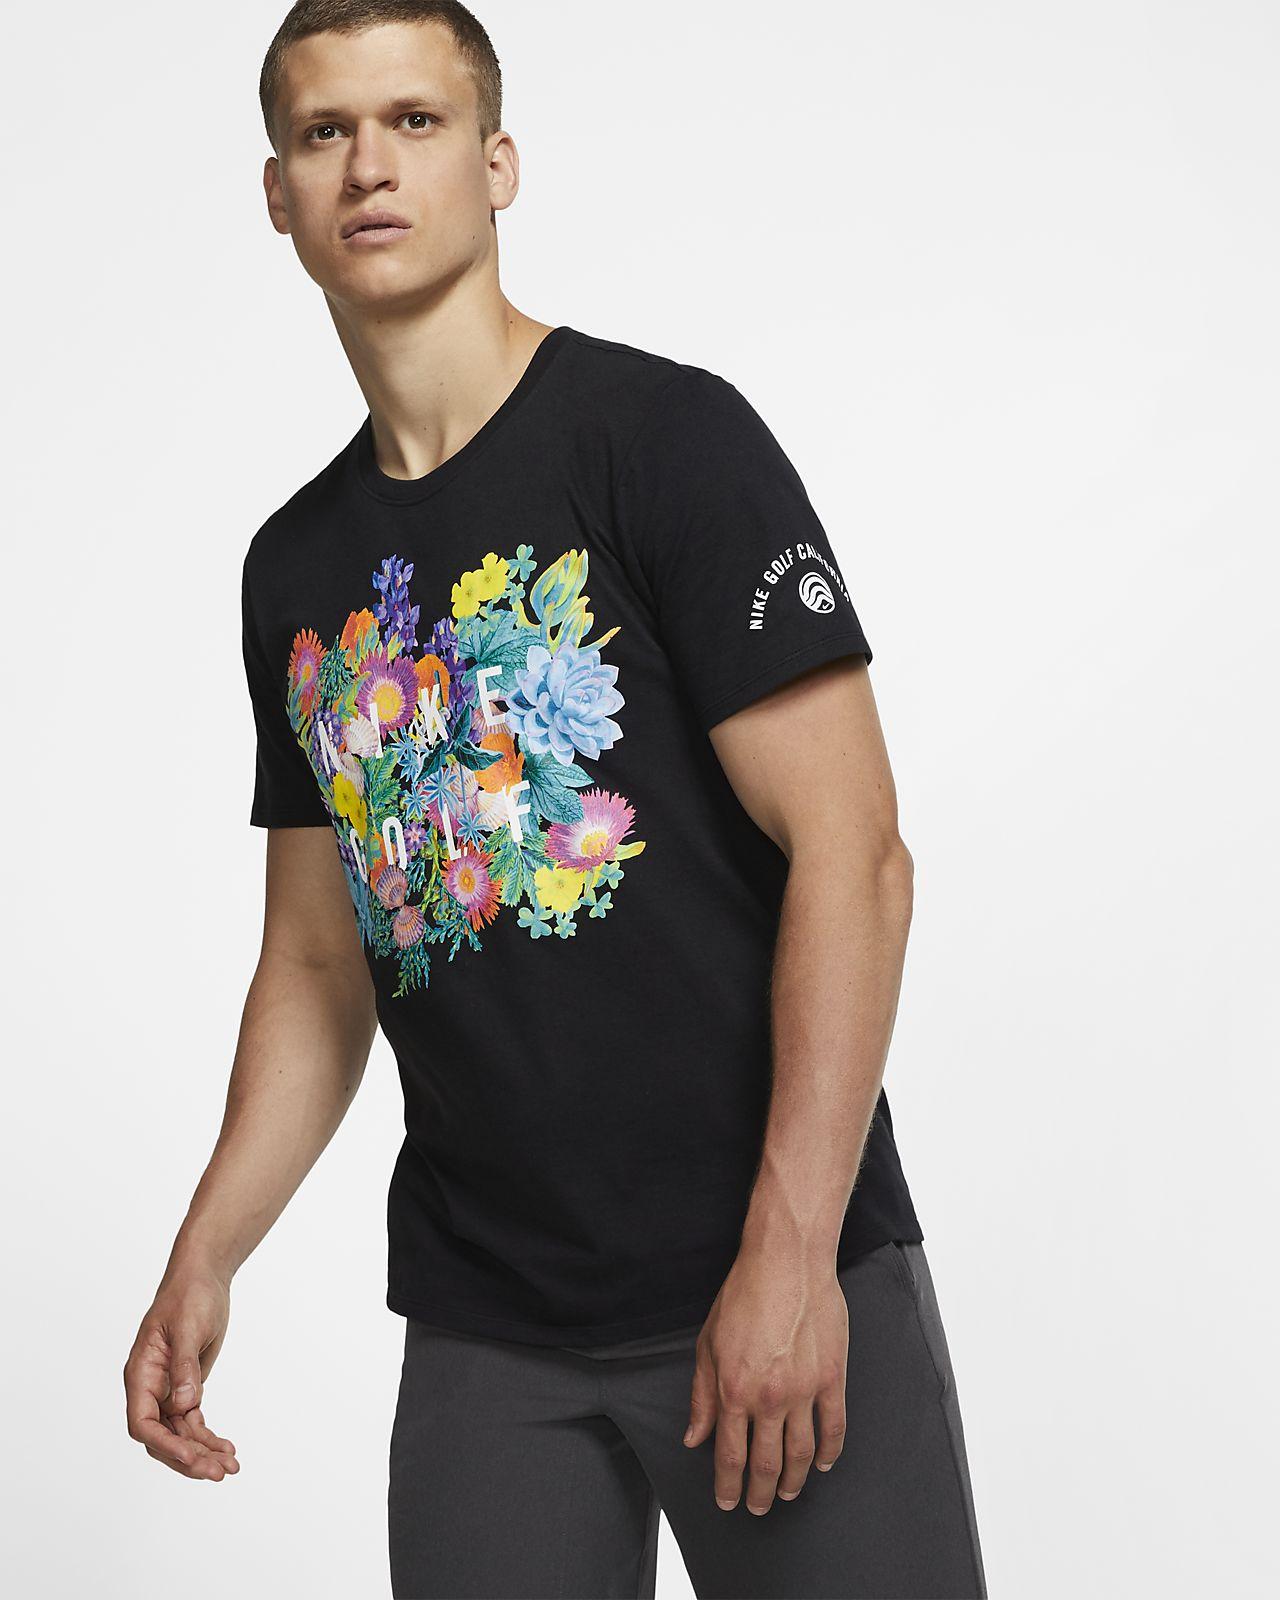 bc332d48d7 Nike Men's Golf T-Shirt